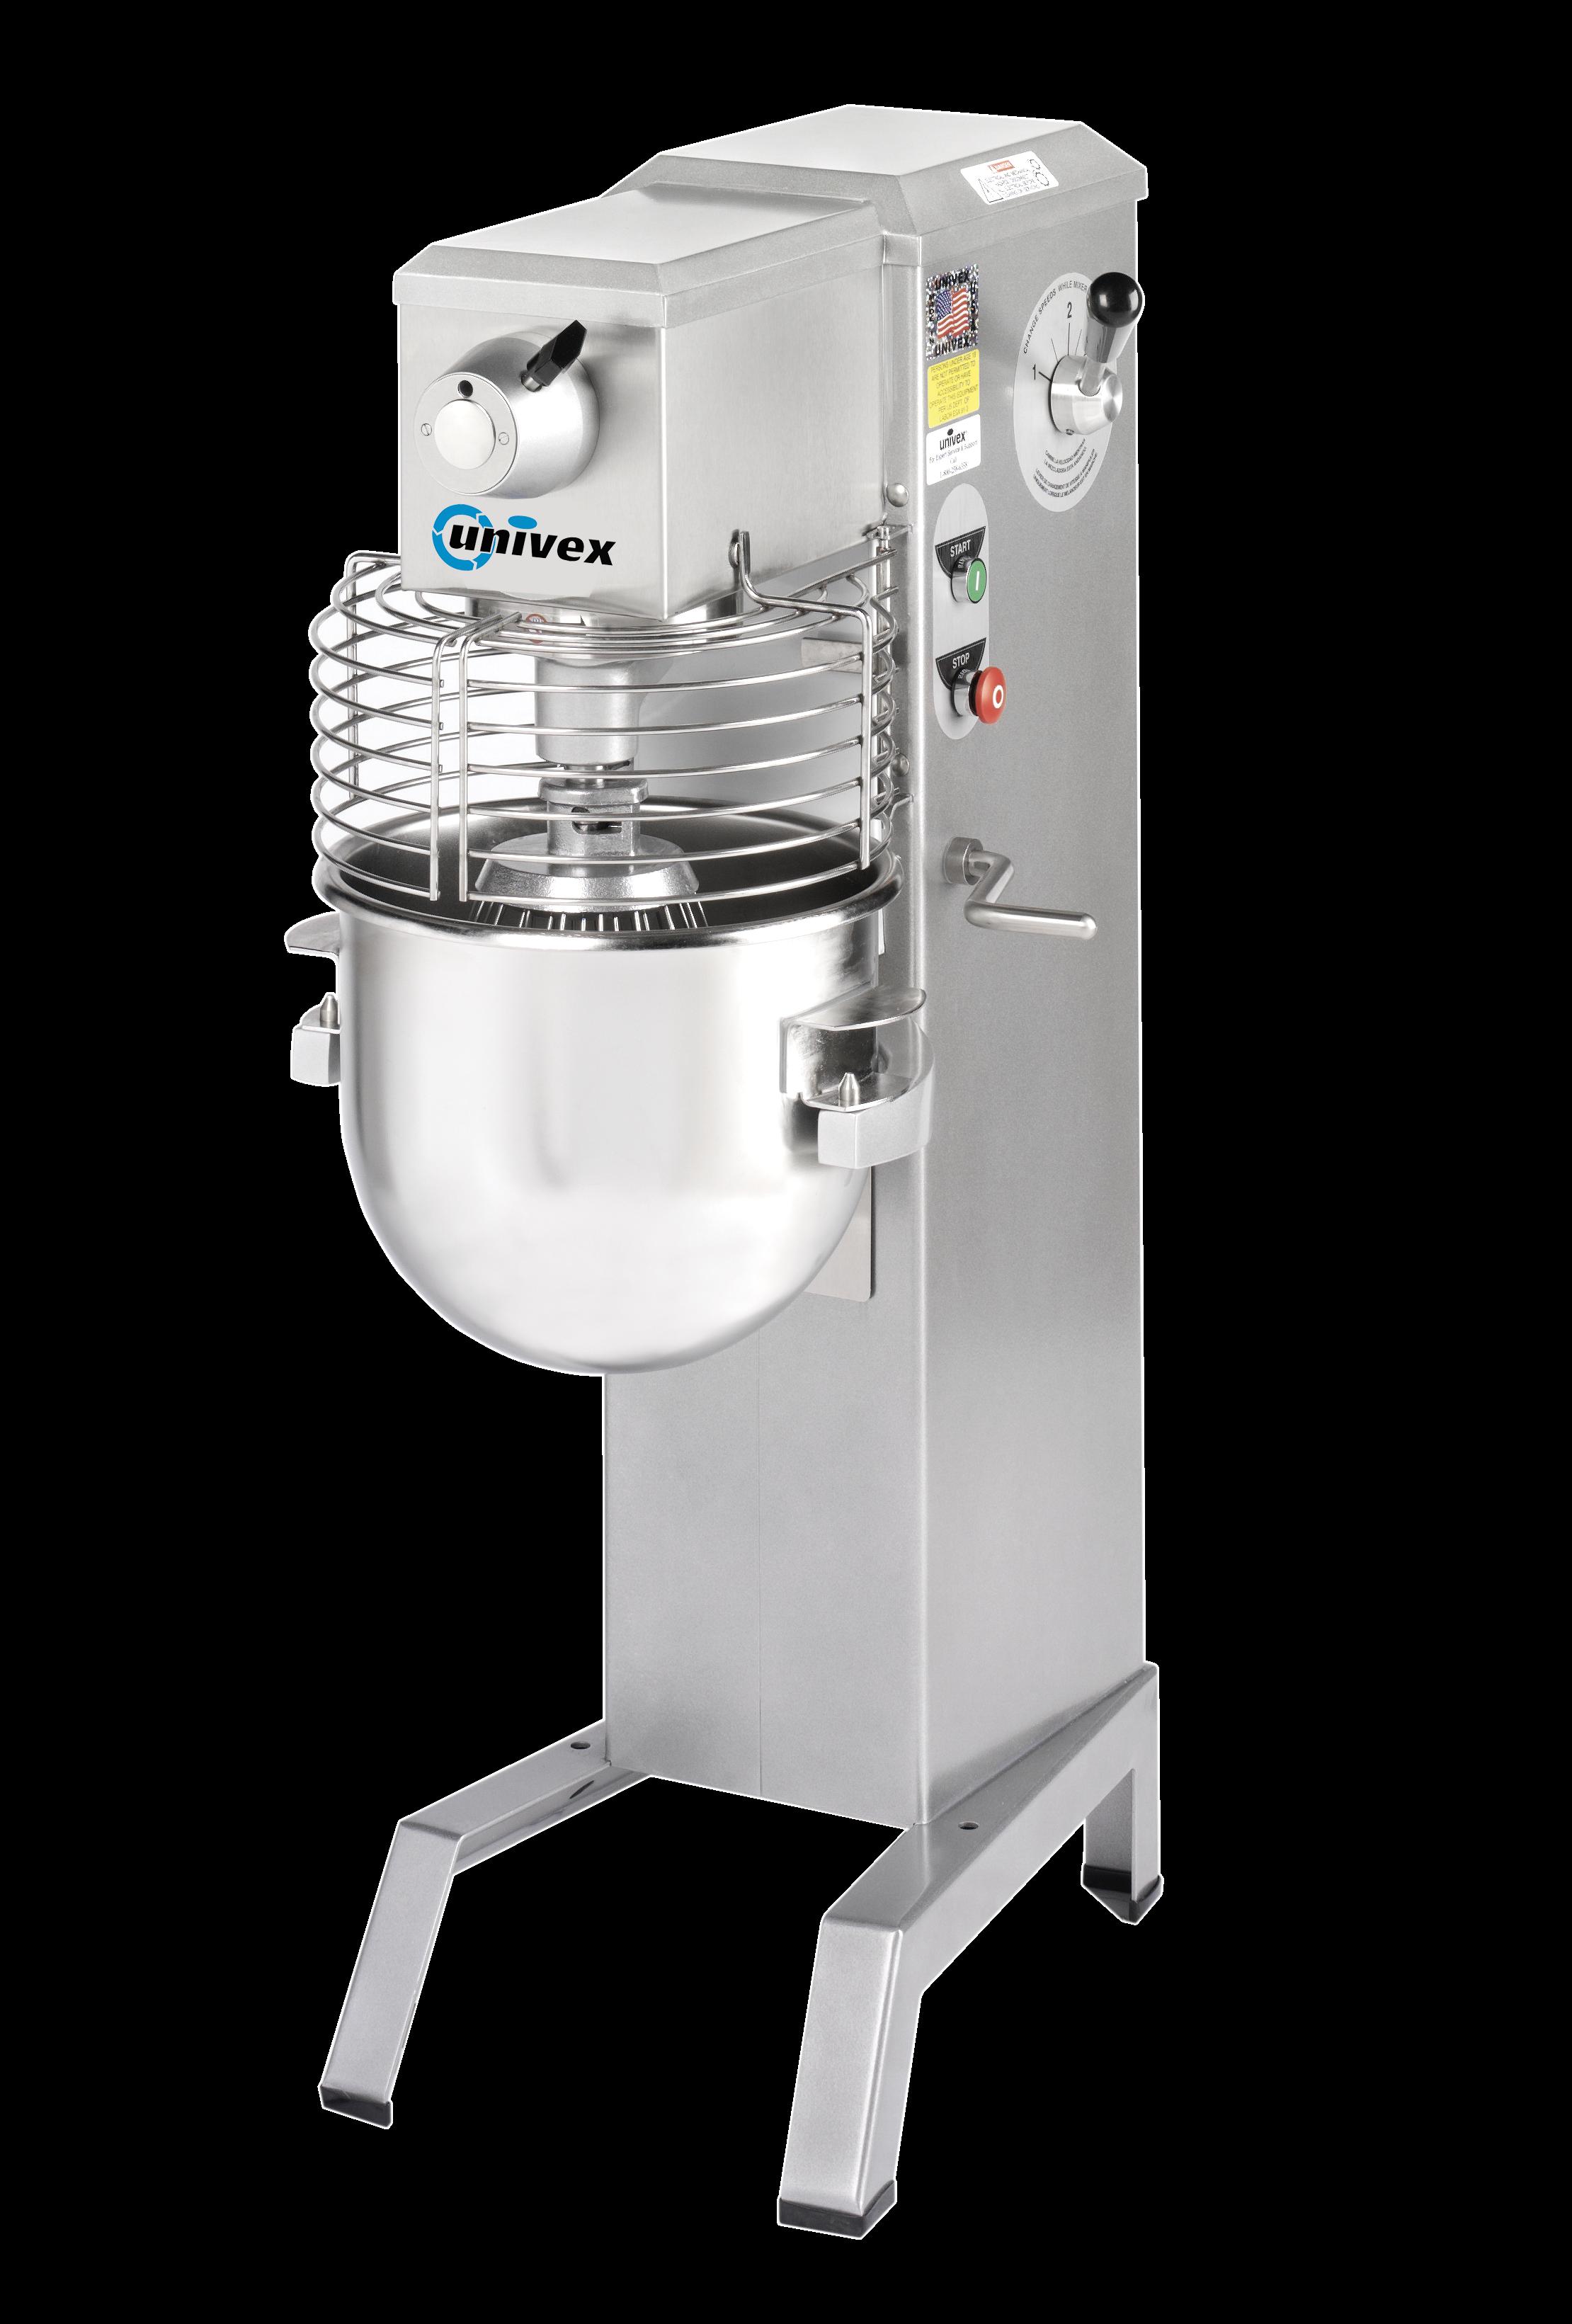 Univex SRMF20+_w/o_PTO planetary mixers